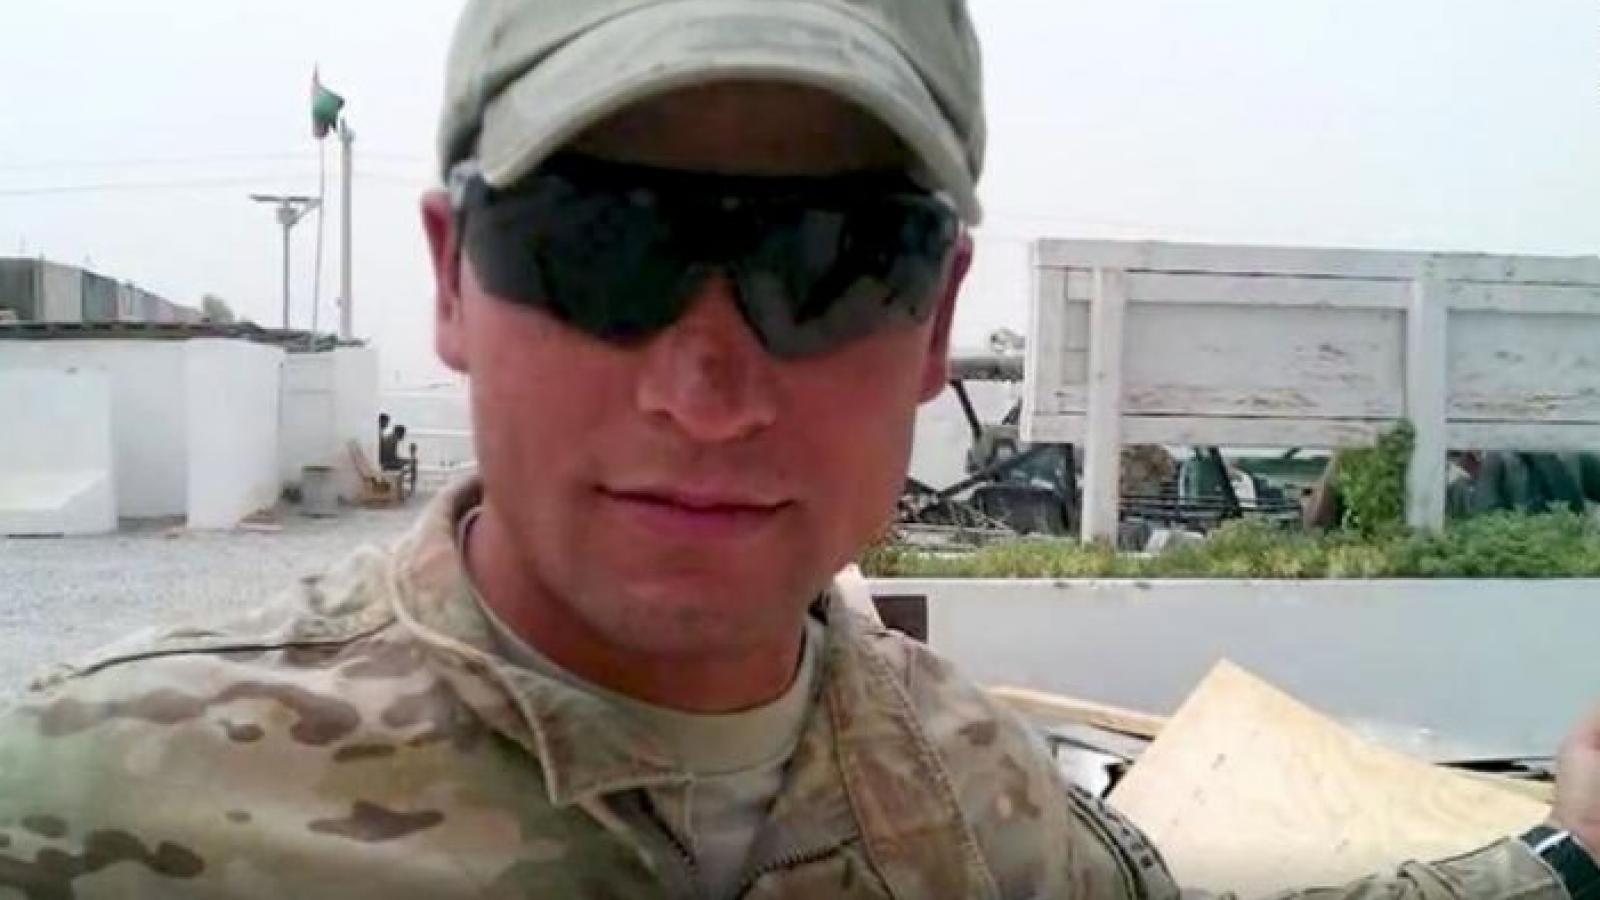 Các phiên dịch viên Afghanistan làm việc cho Mỹ lo sợ bị Taliban trả thù và chặt đầu